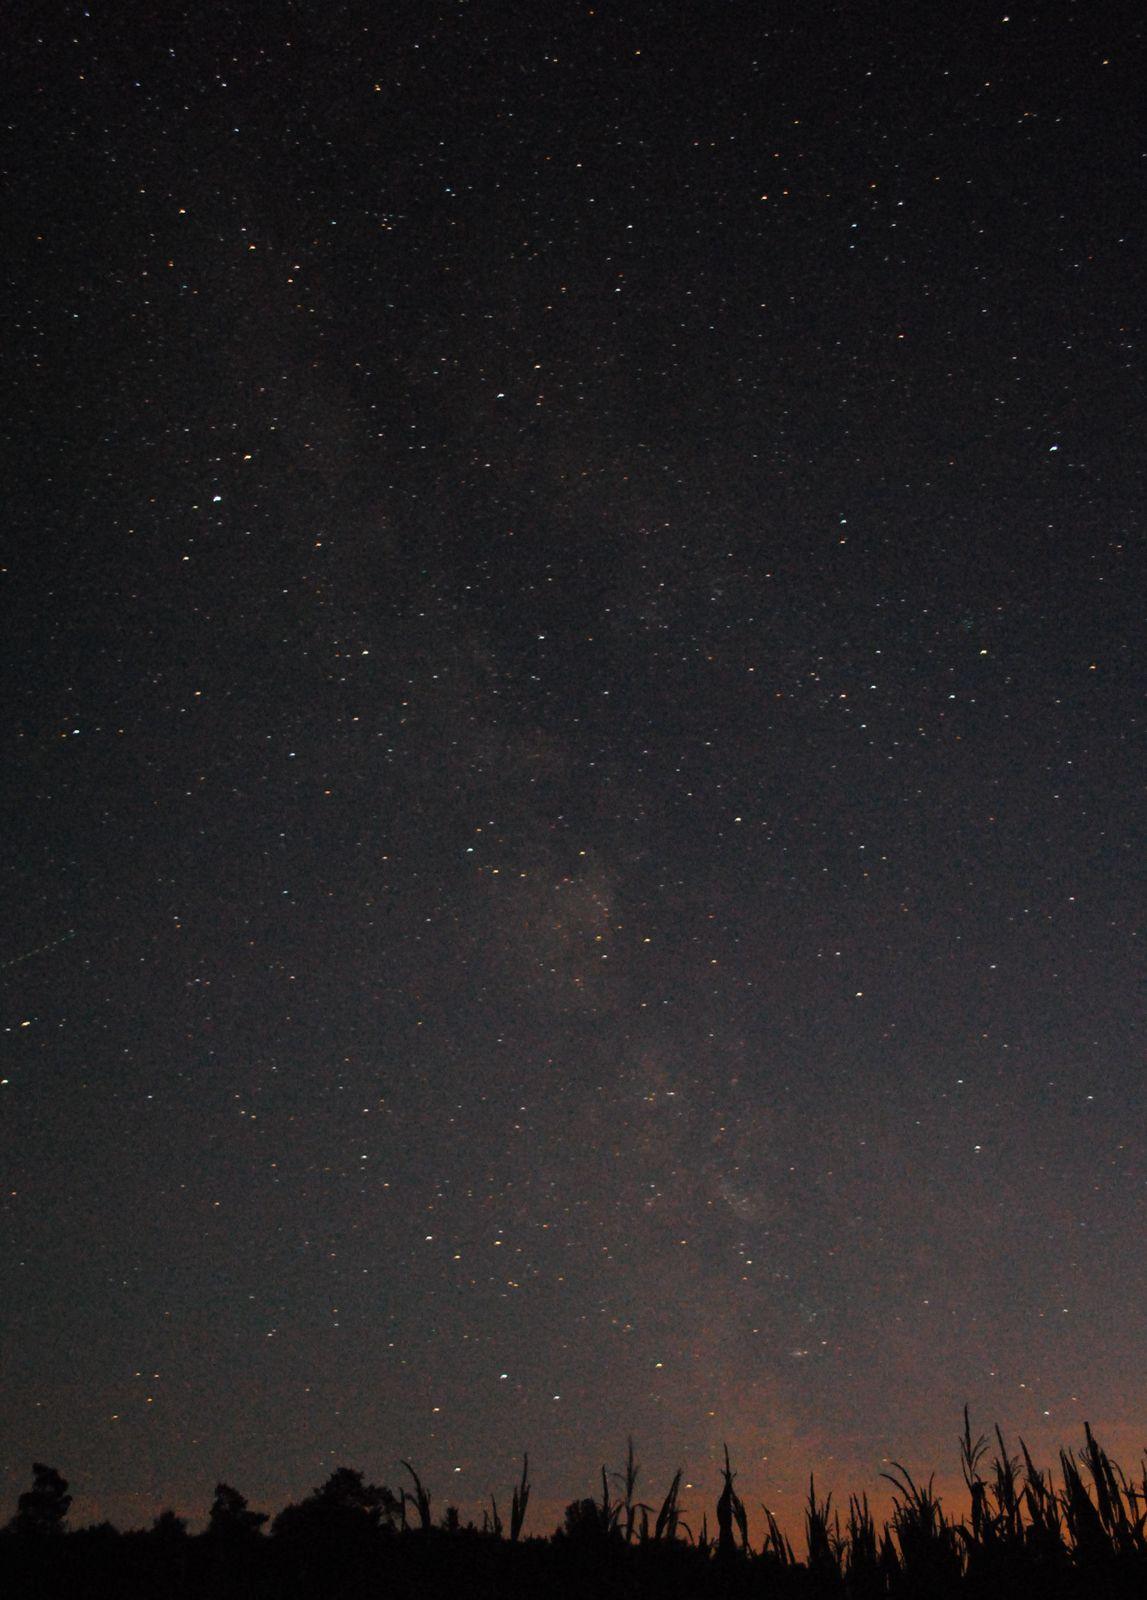 Die Milchstraße über der Rhön zwischen Rückersberg Eiterfeld und Hünfeld erscheint in voller Pracht so macht Astronomie und Deepsky im Sternenpark Rhön Spaß